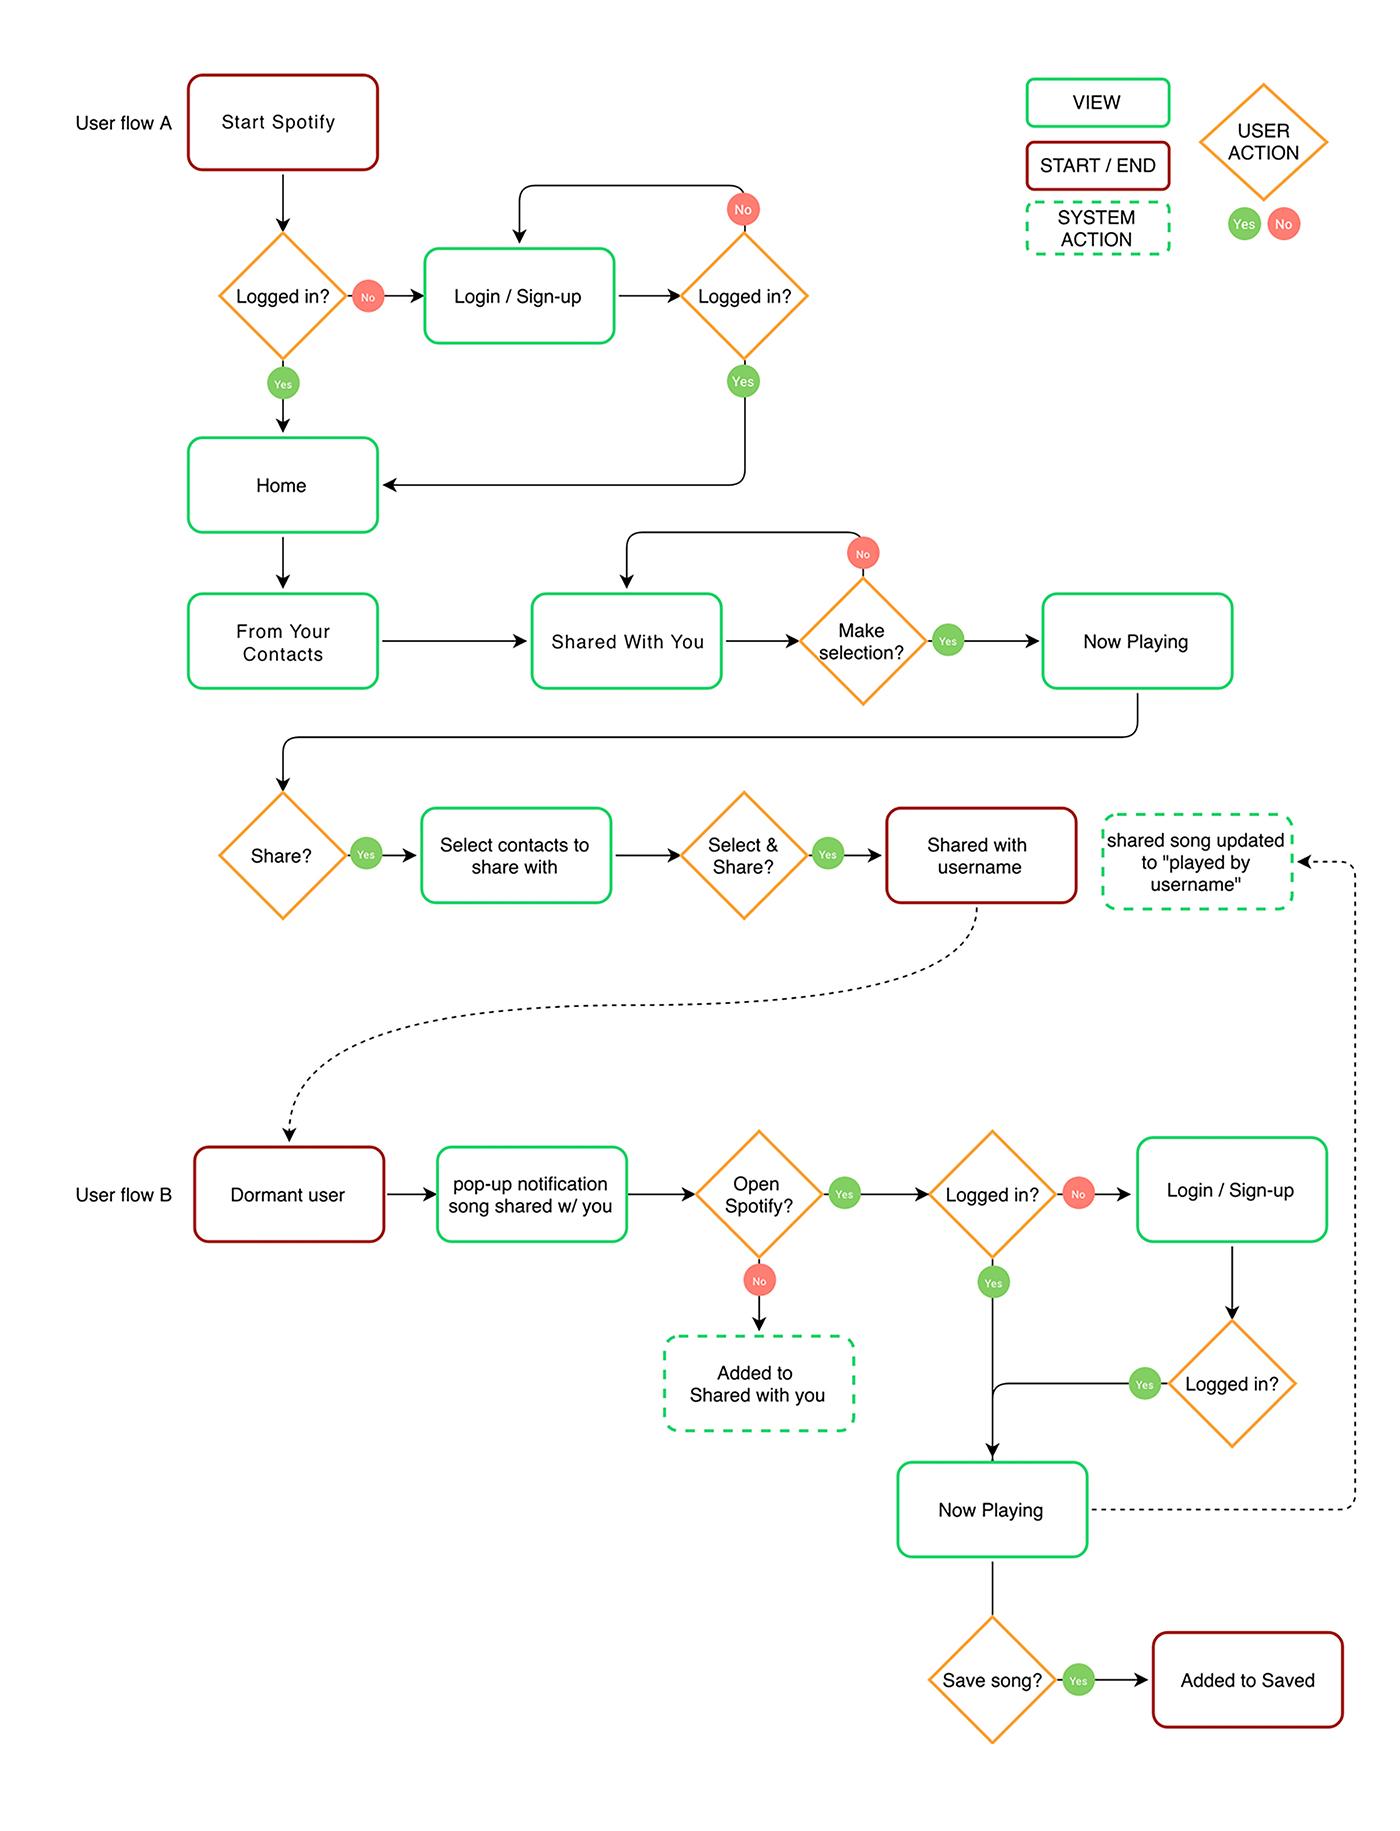 Propuesta de diagrama de flujo para compartir canciones en Spotify